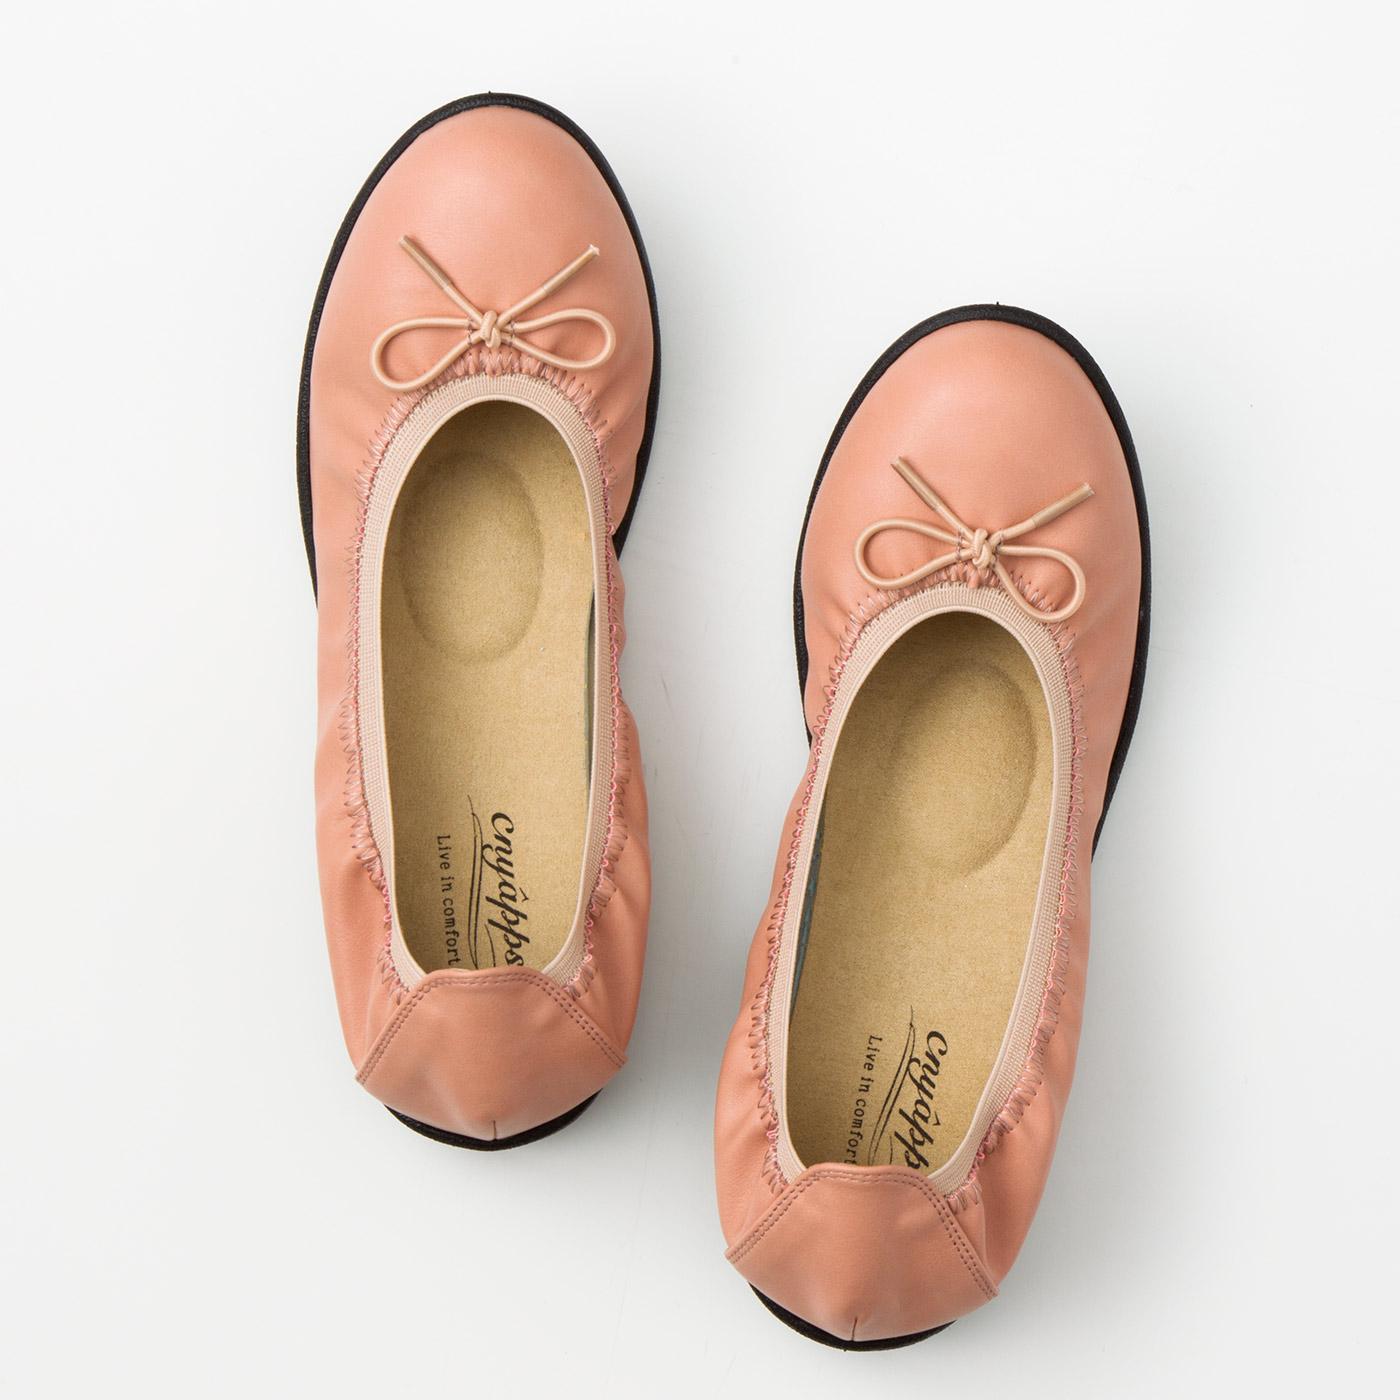 リブ イン コンフォート 包み込まれるような履き心地の 軽やかリボンくにゃっプス(R)〈ピンク〉